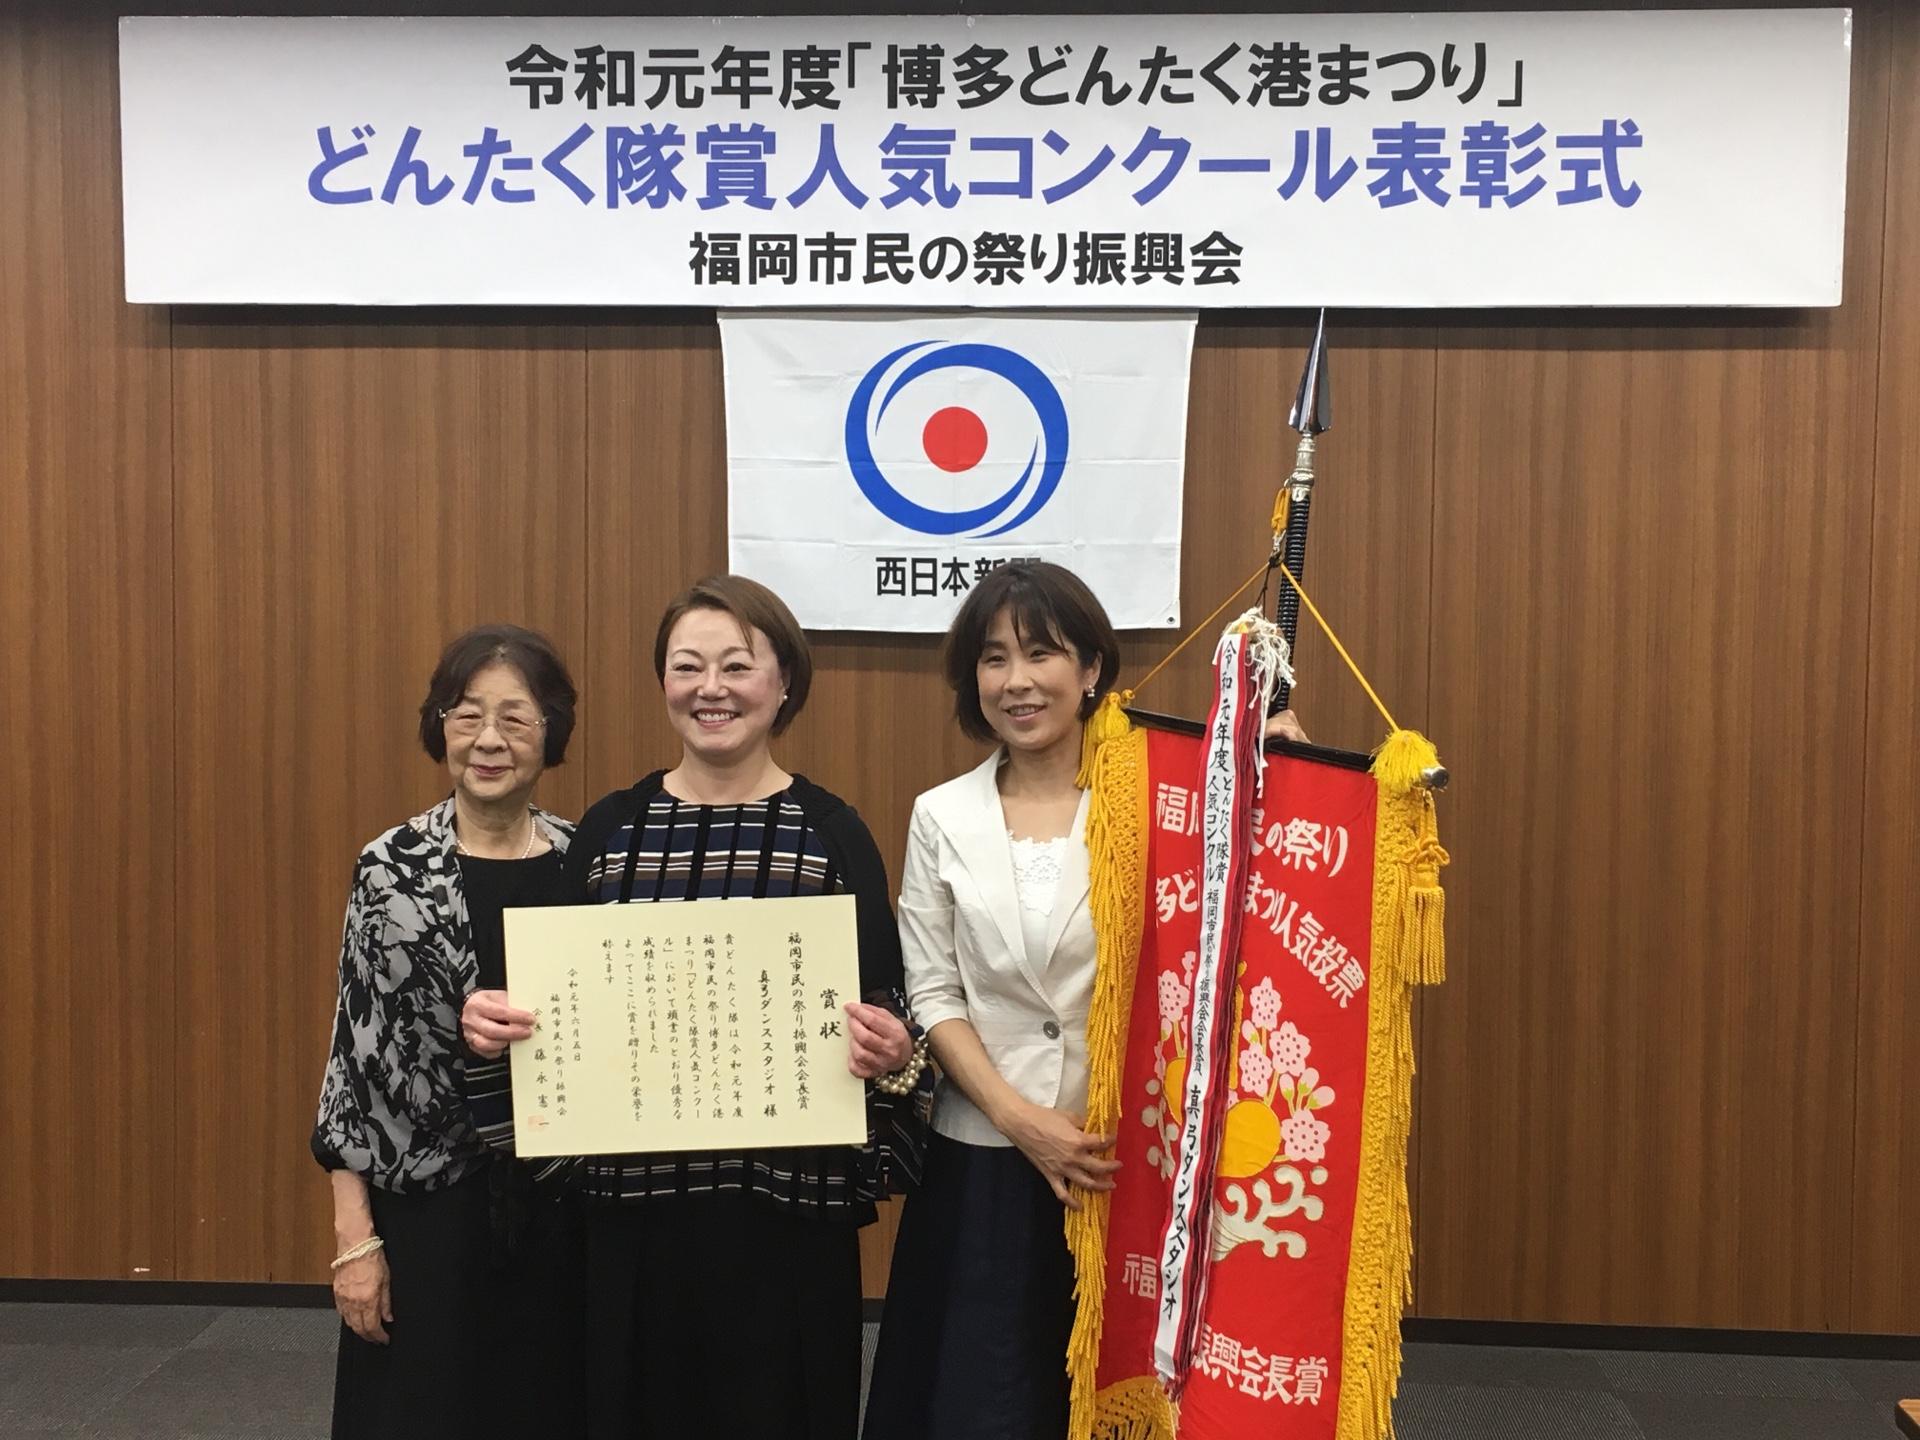 2019博多どんたく人気コンクール表彰式